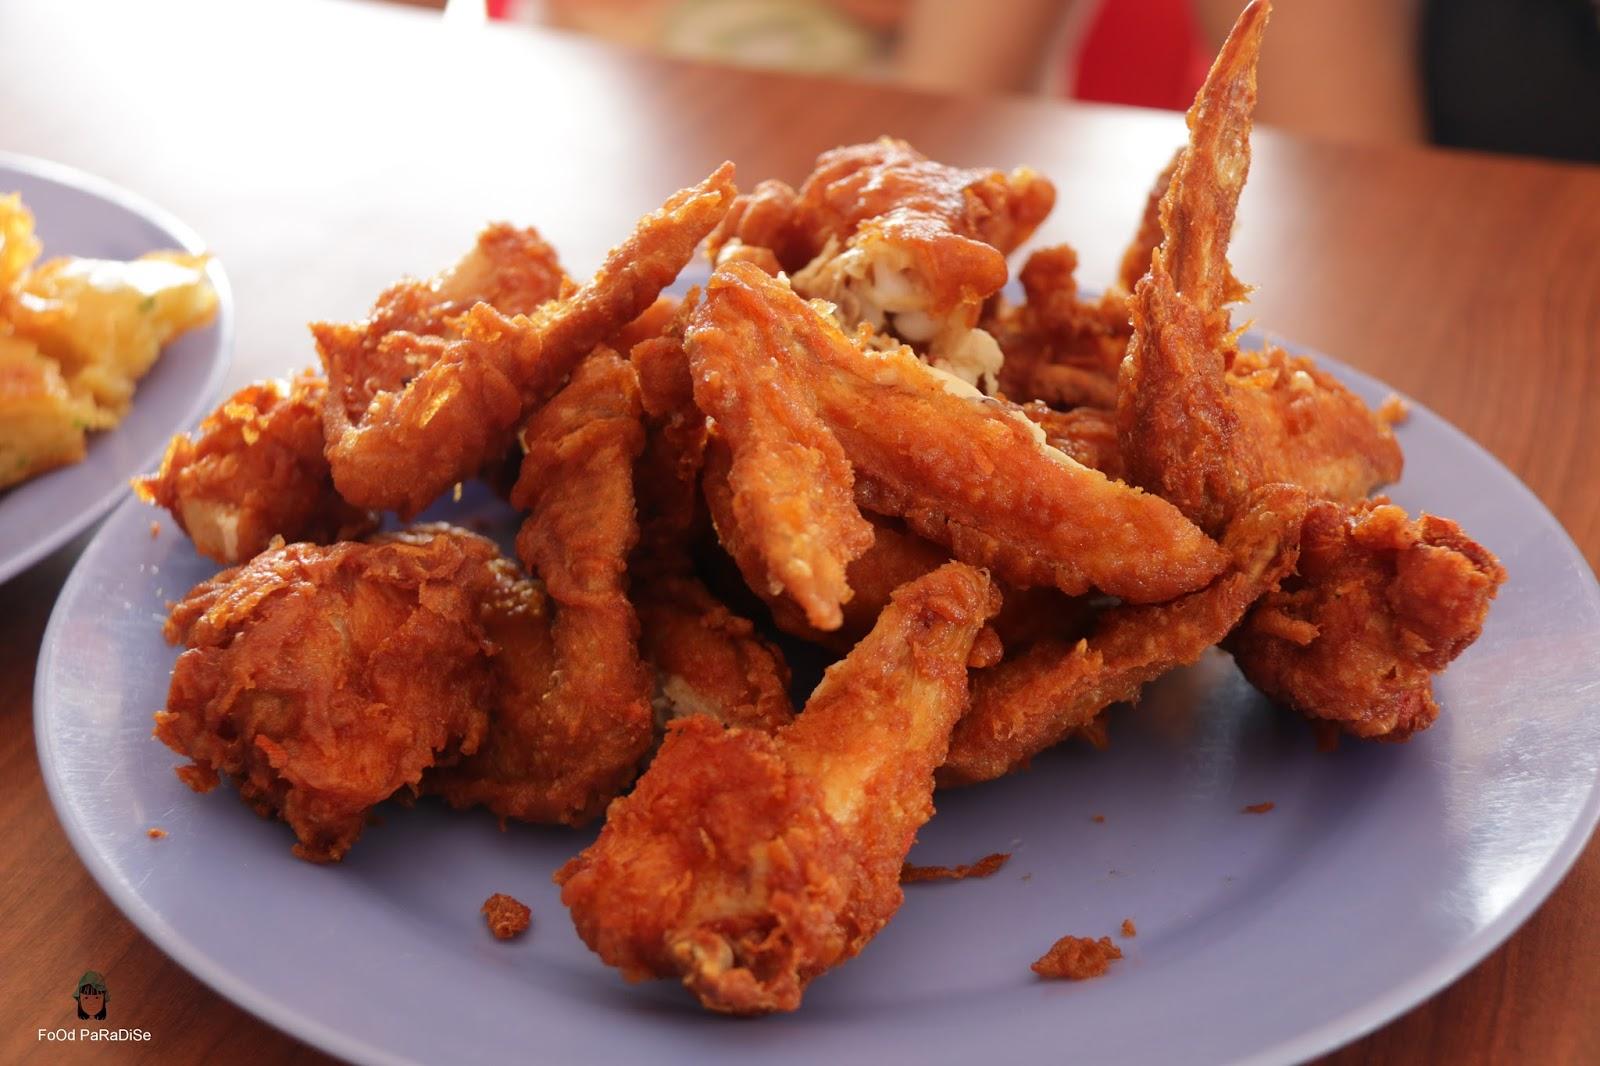 Food Paradise Warung Puteri Jalan Sylvia Miri Kacang Sambal By Dua Putri Bjb That We Savour